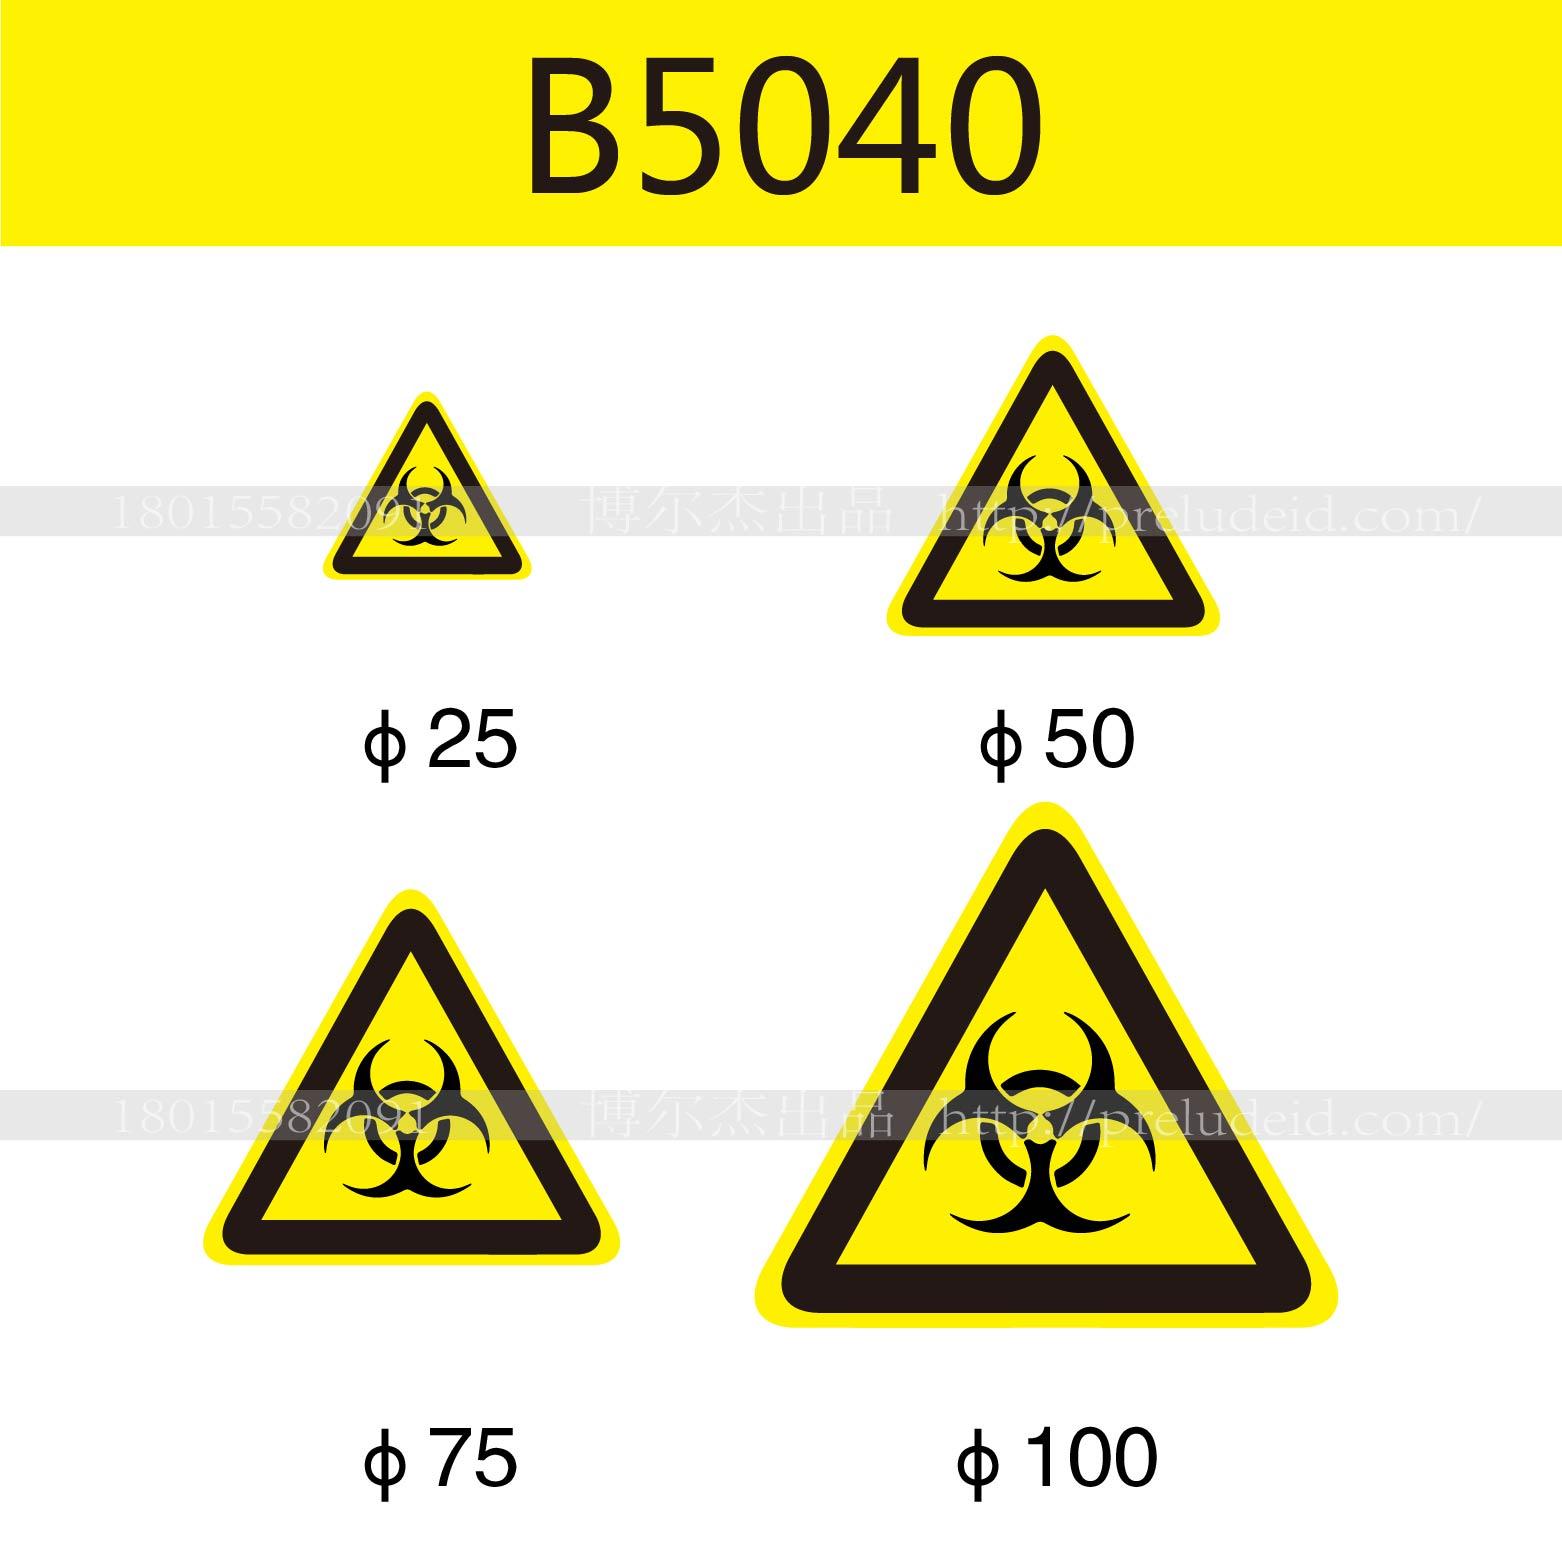 博尔杰 安全标签  安全标语牌 安全标语贴 标识厂家 丝印标签 安全标示牌 B5040